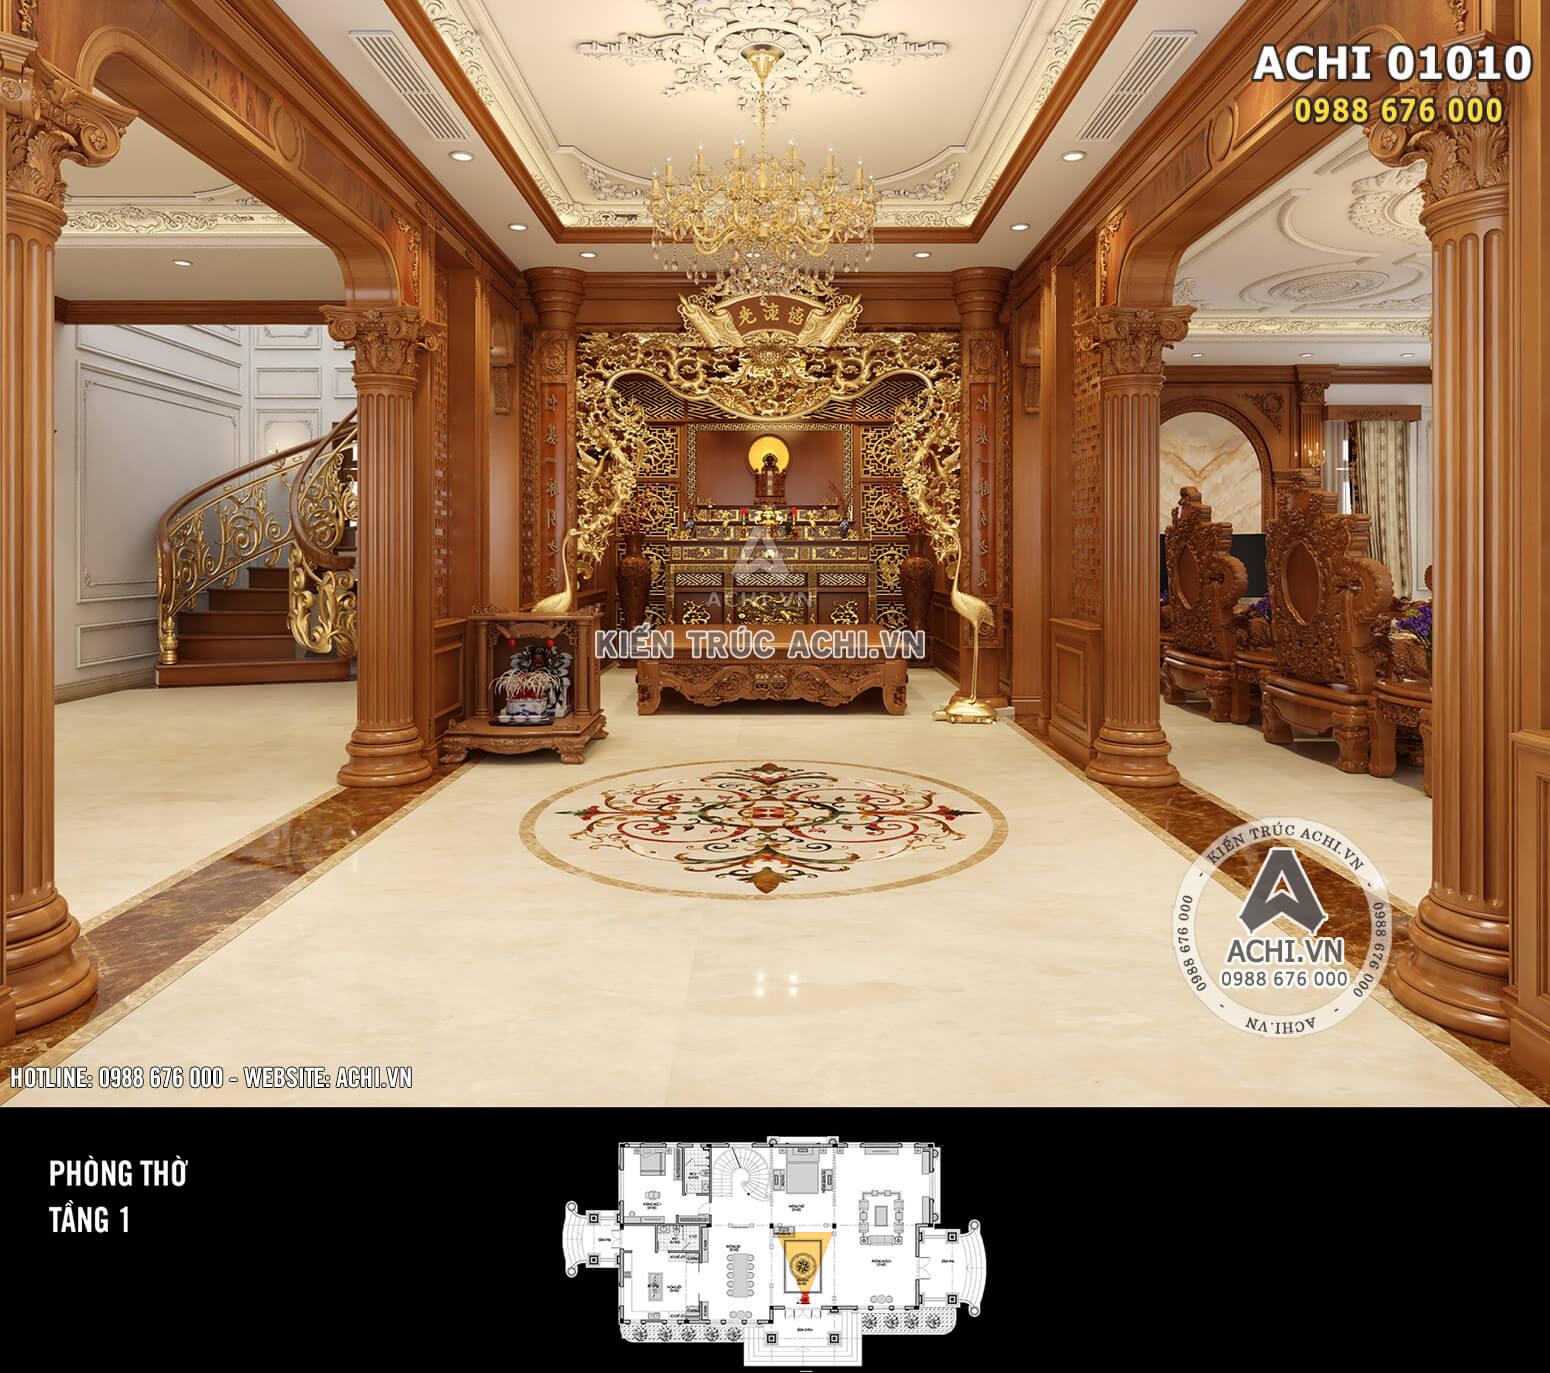 Hình ảnh: Thiết kế nội thất tân cổ điển - Phòng thờ bằng gỗ - 01